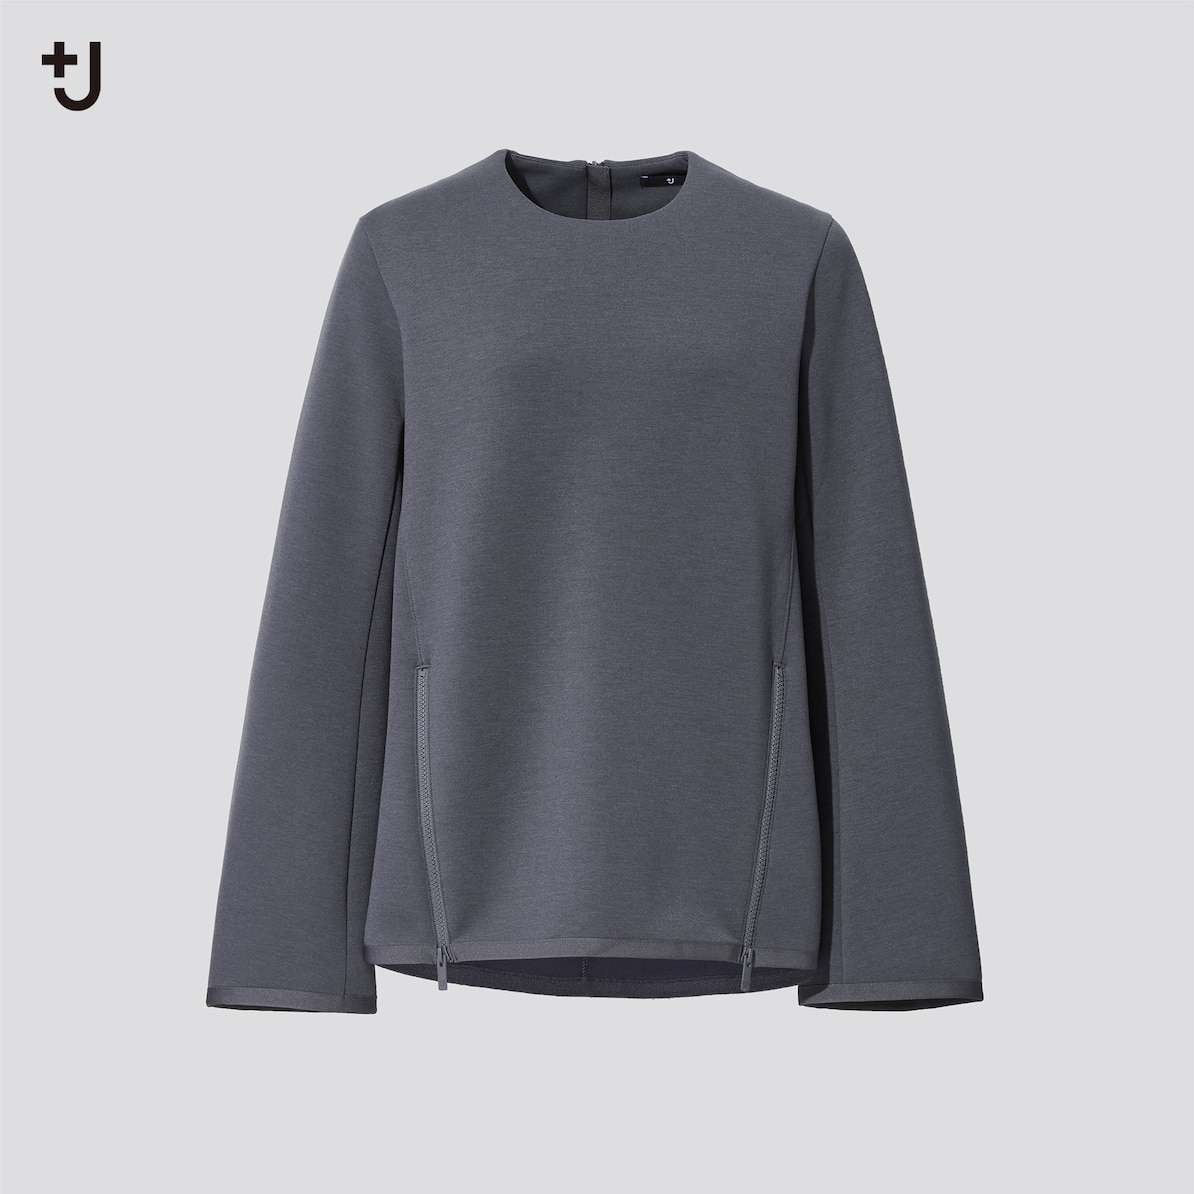 ドライスウェットクルーネックシャツ(長袖)